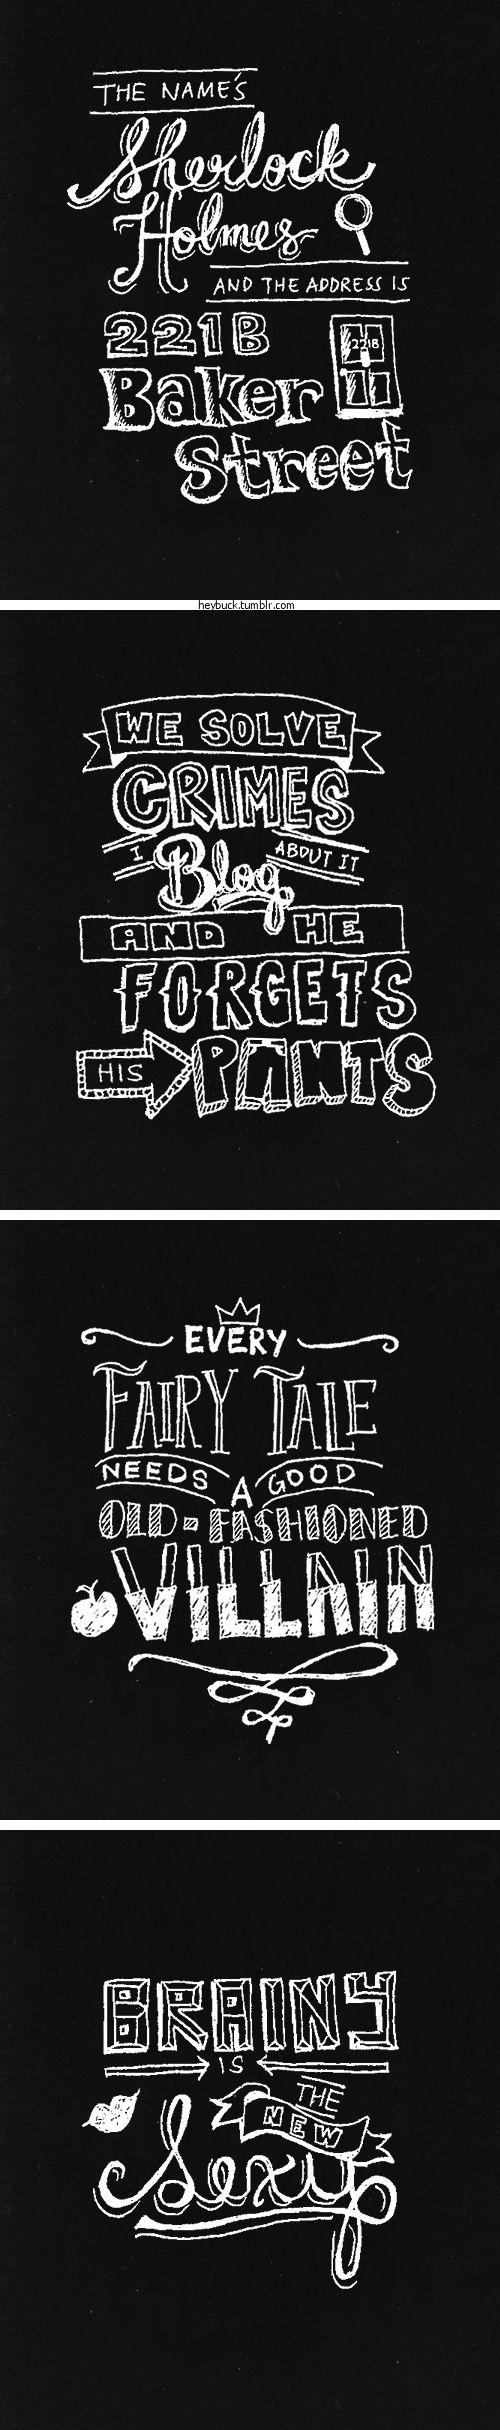 Sherlock quotes - typography